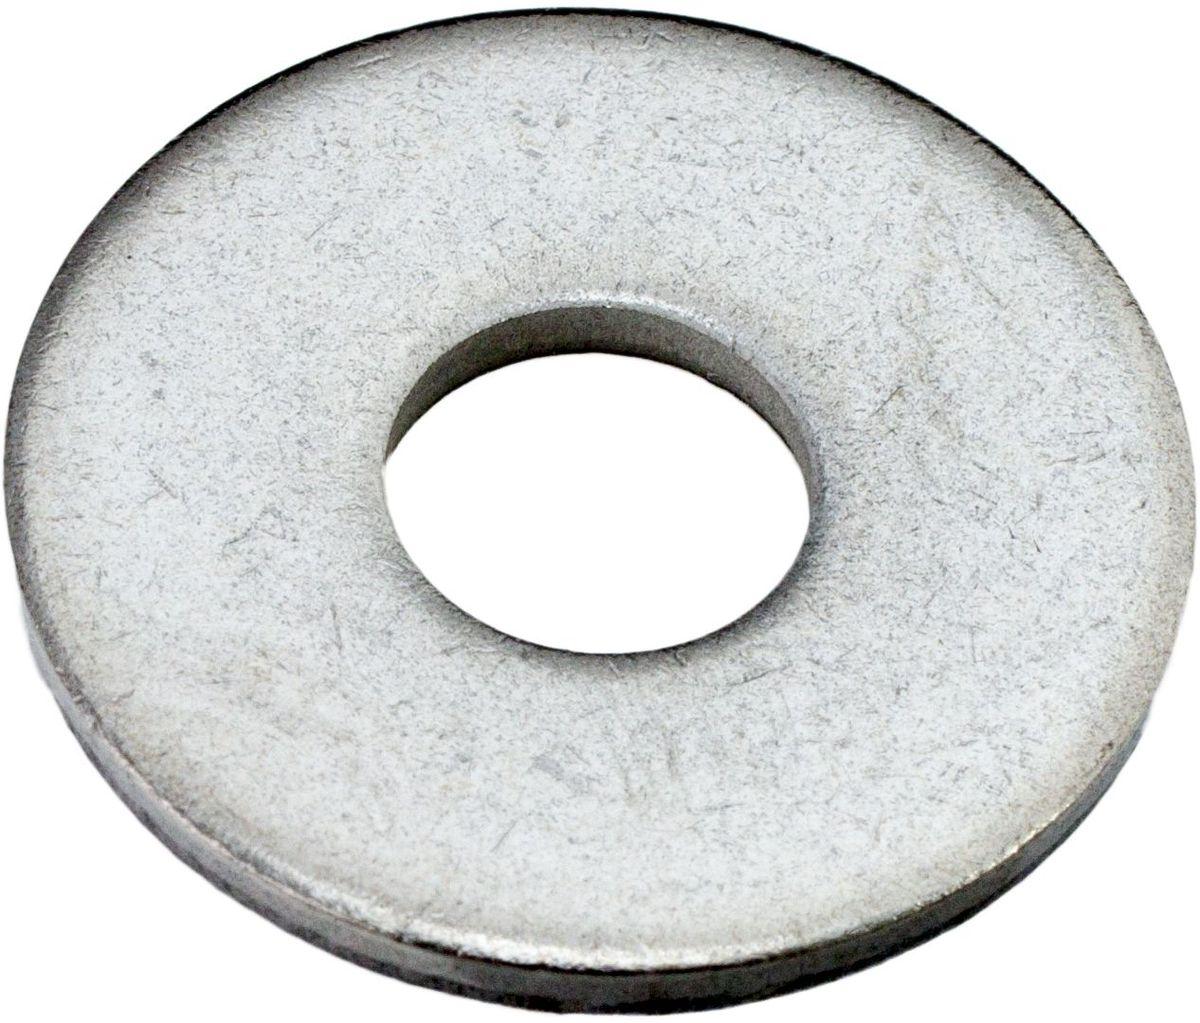 Шайба Стройбат, оцинкованная, кузовная, DIN 9021, 12 мм, 3 шт увеличенная шайба качественный крепеж плоская din 9021 м10 80 шт 0300967 кч